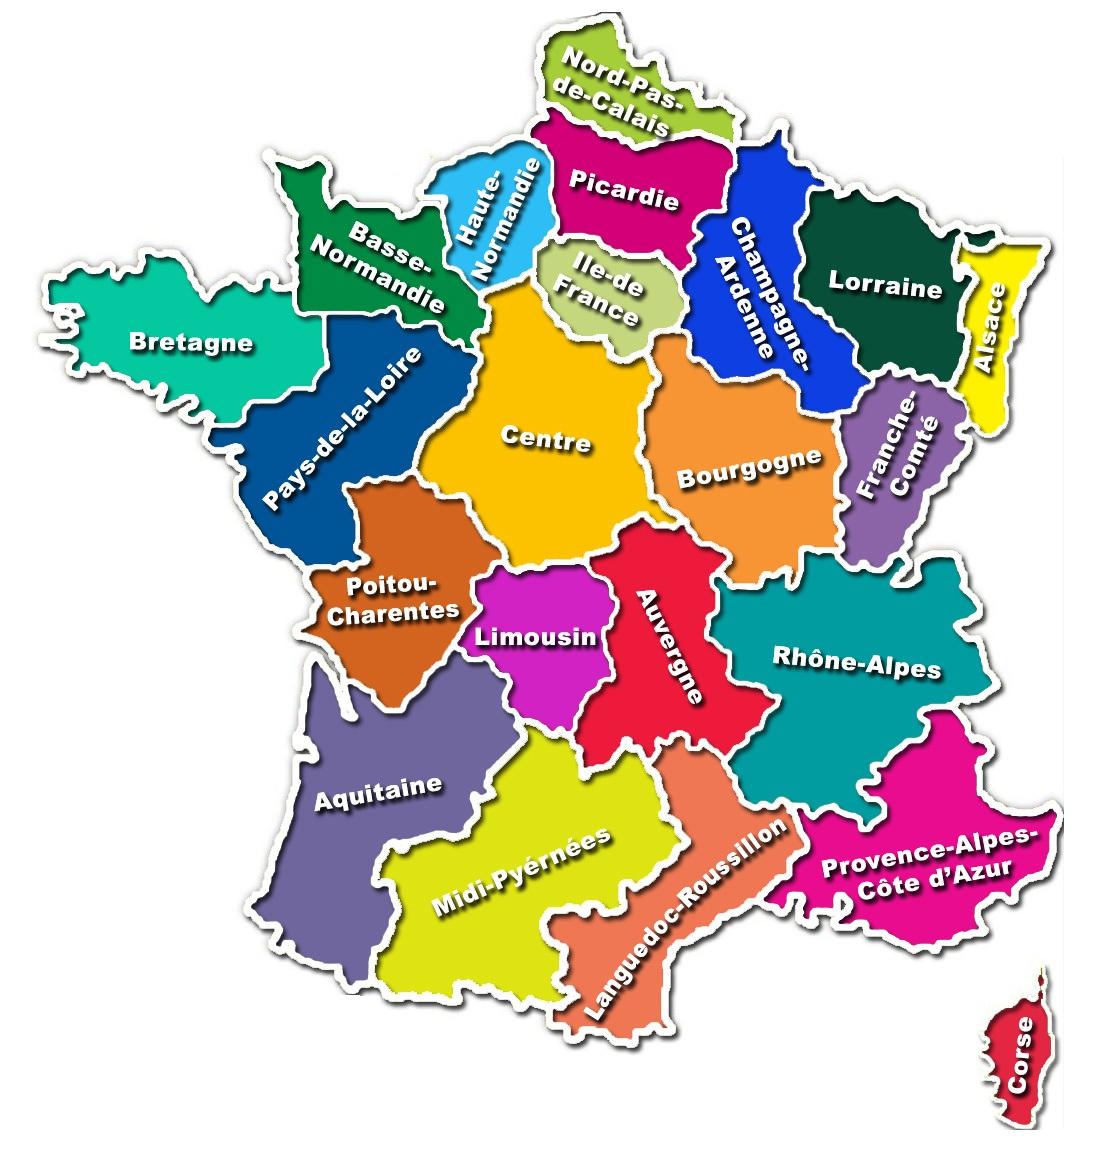 Region de france par departement